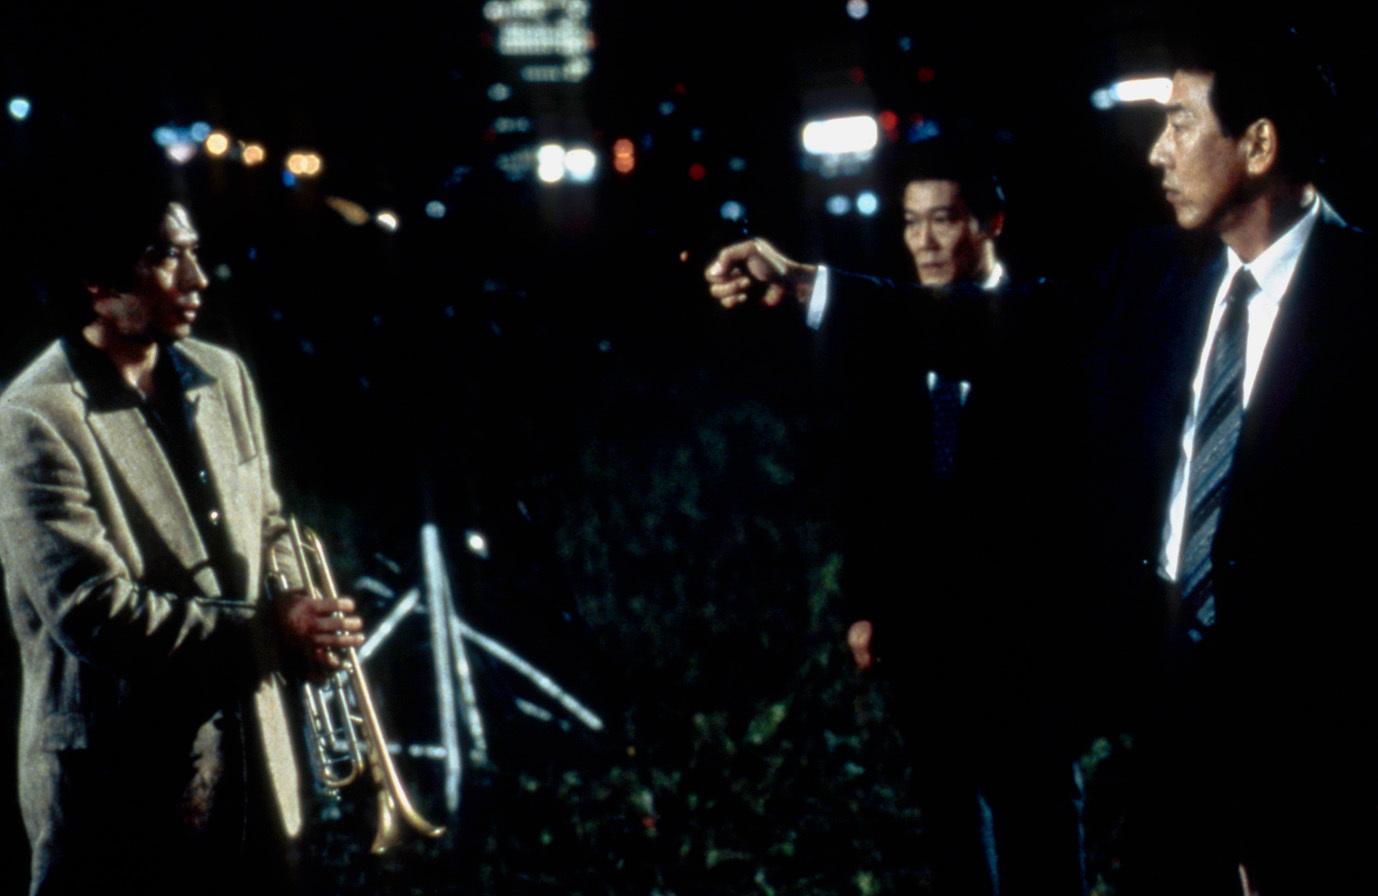 左から、真田広之、國村隼、岸部一徳 (C)1999東北新社・電通・日本出版販売・IMAGICA